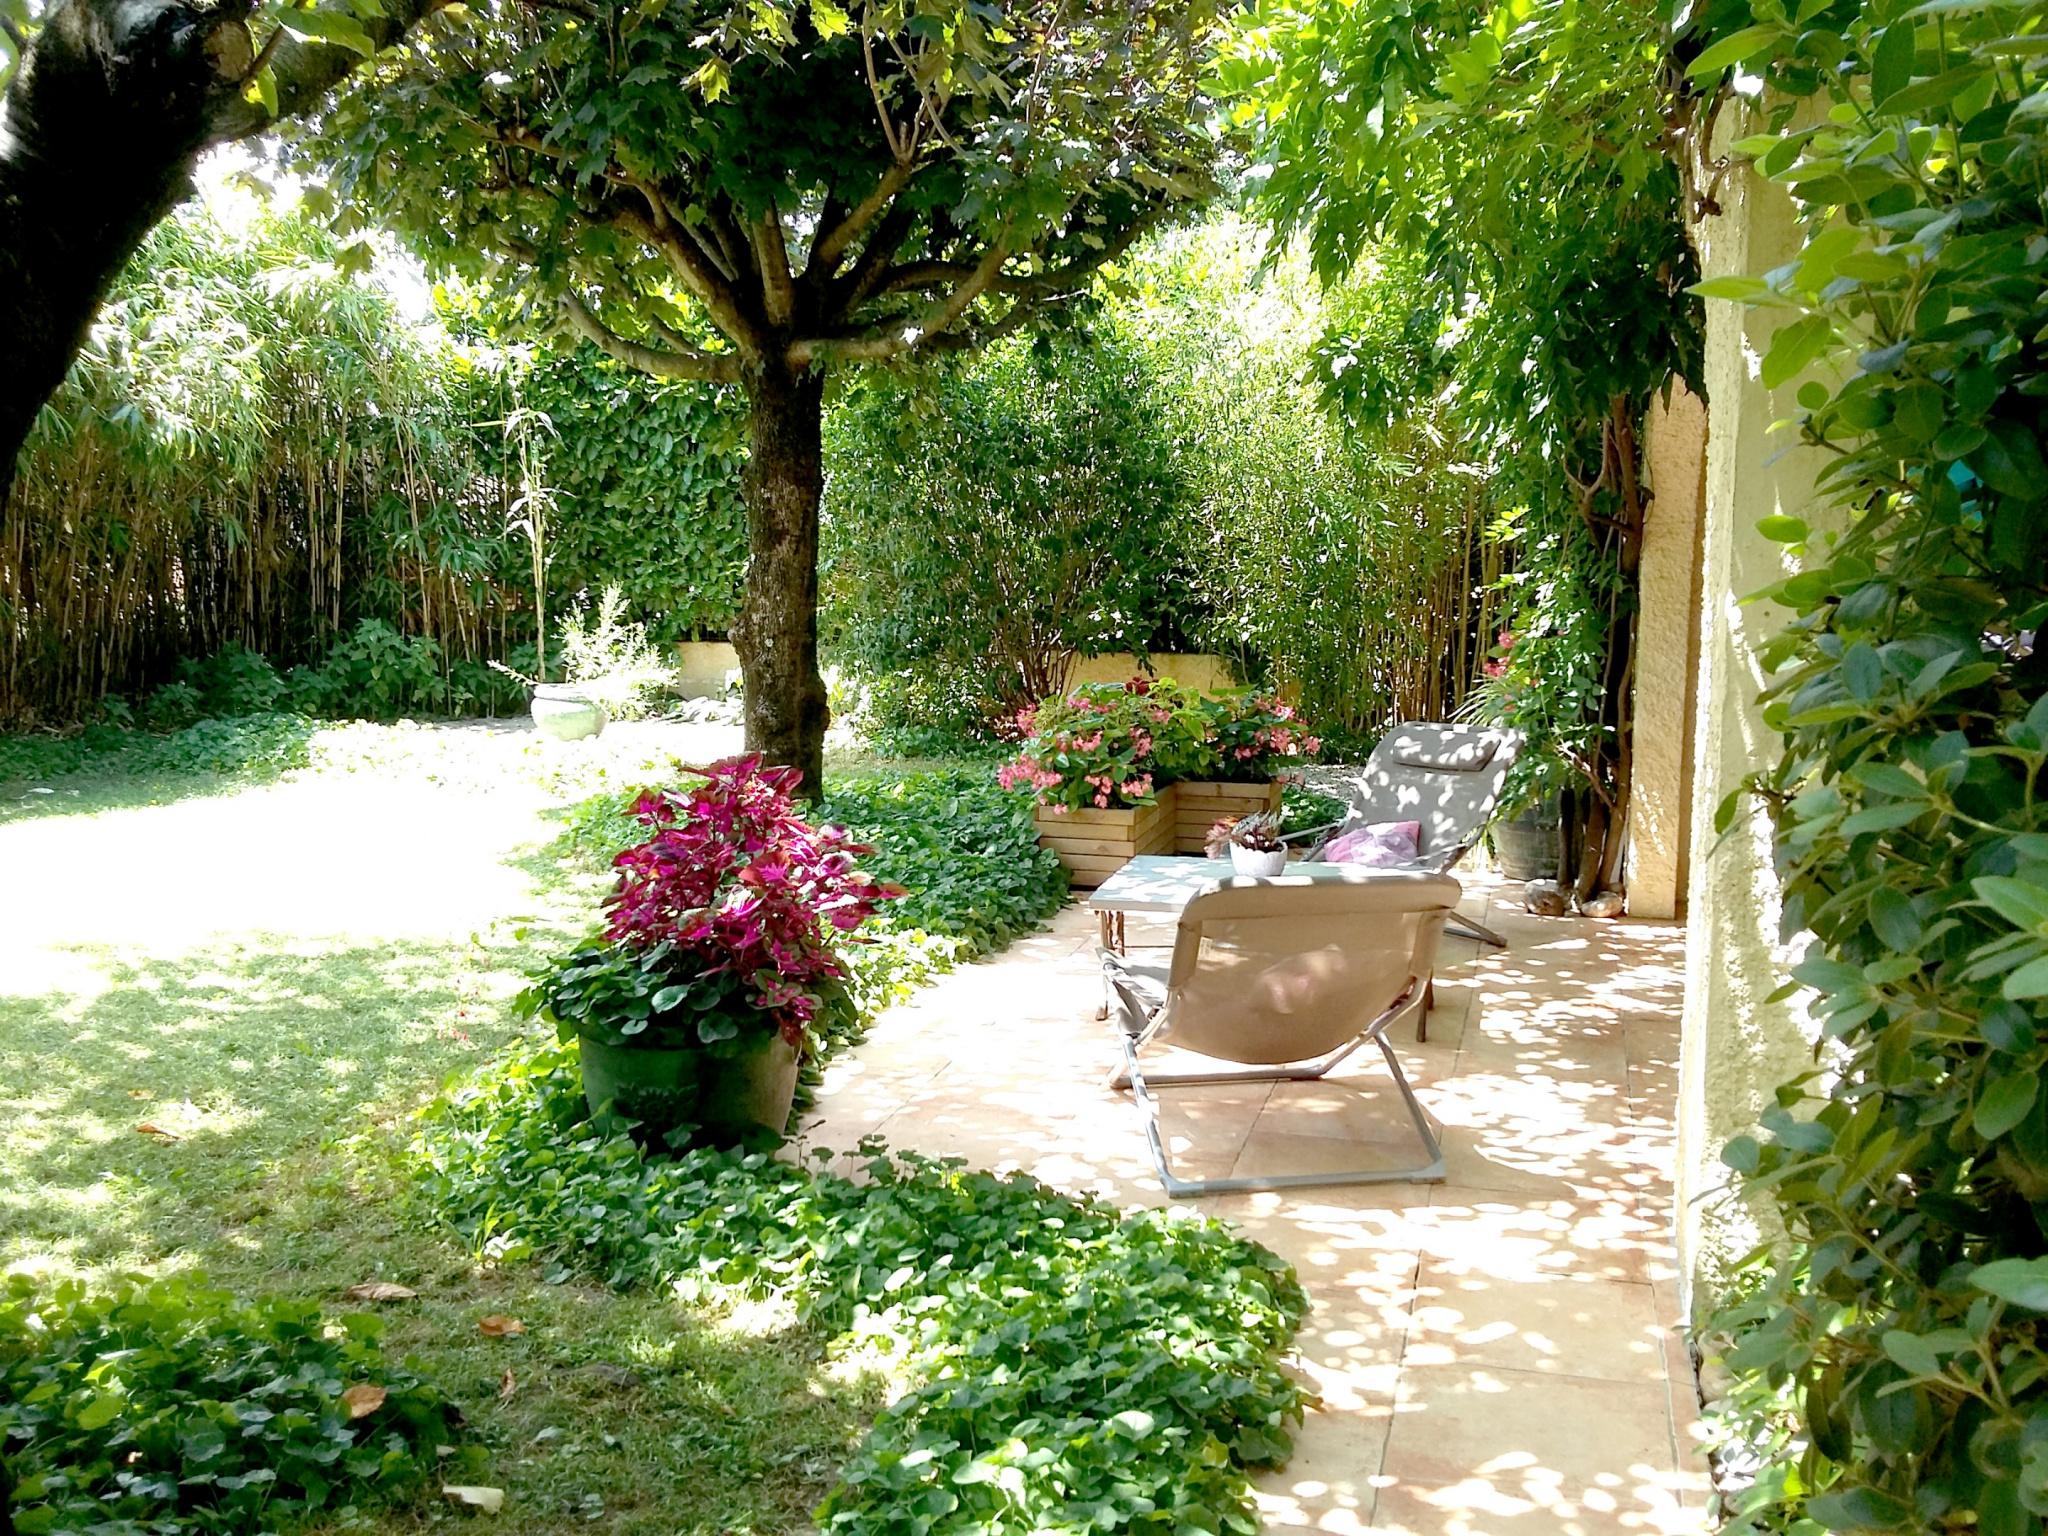 vente maison villa vente maison t4 sur valence d 39 environ 127 m2. Black Bedroom Furniture Sets. Home Design Ideas